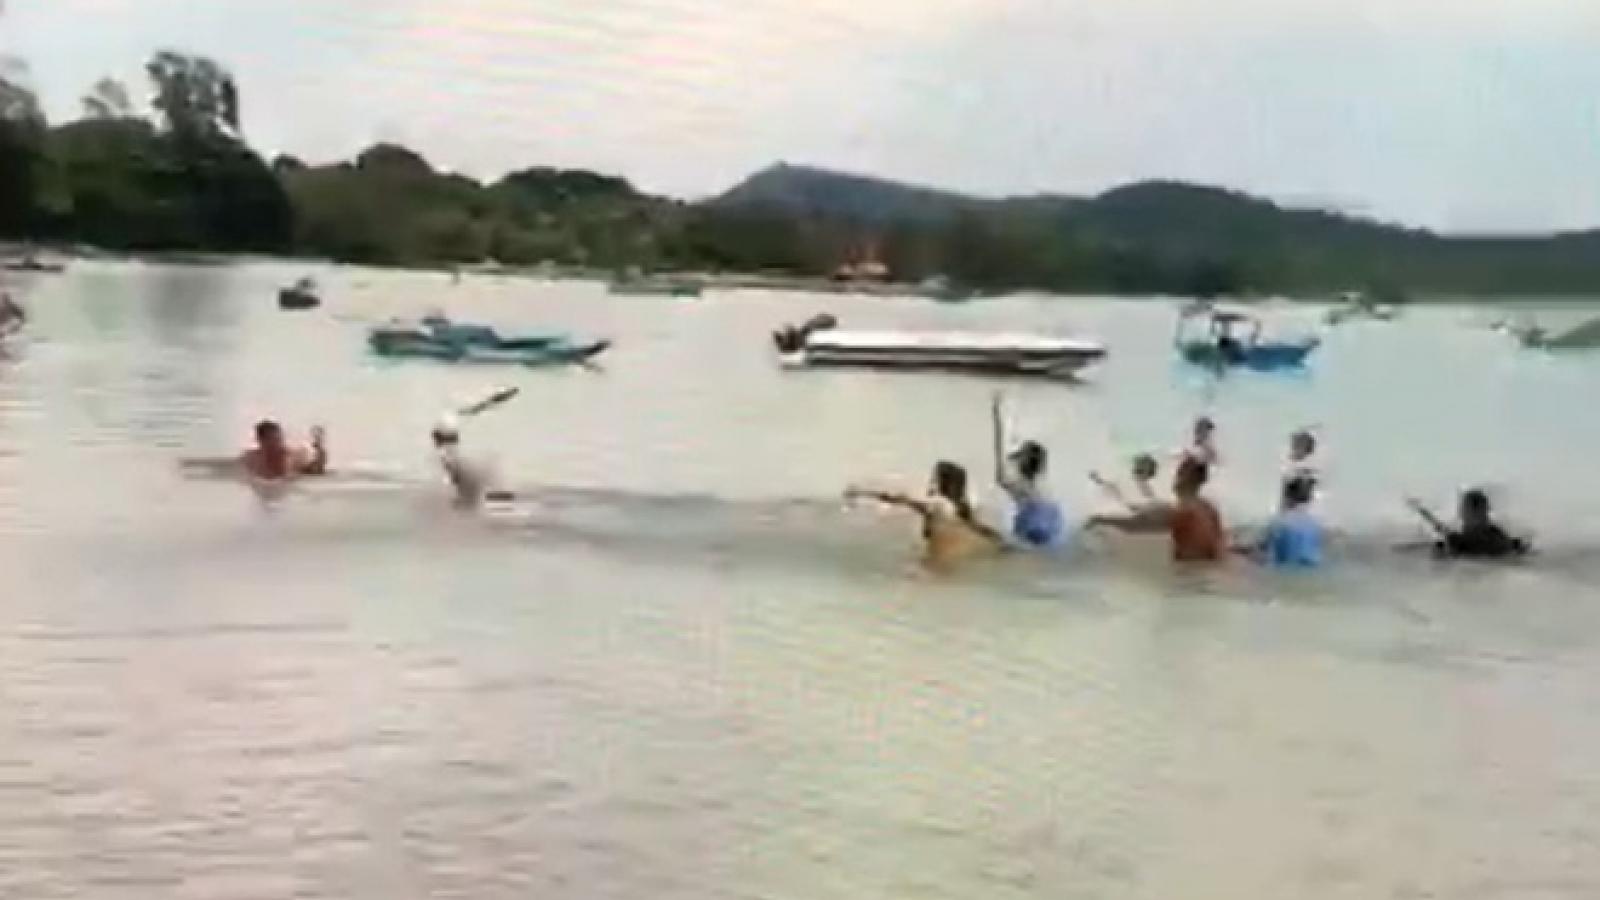 Bảo vệ khu nghỉ dưỡng ở Phú Quốc  đánh 2 người gãy tay